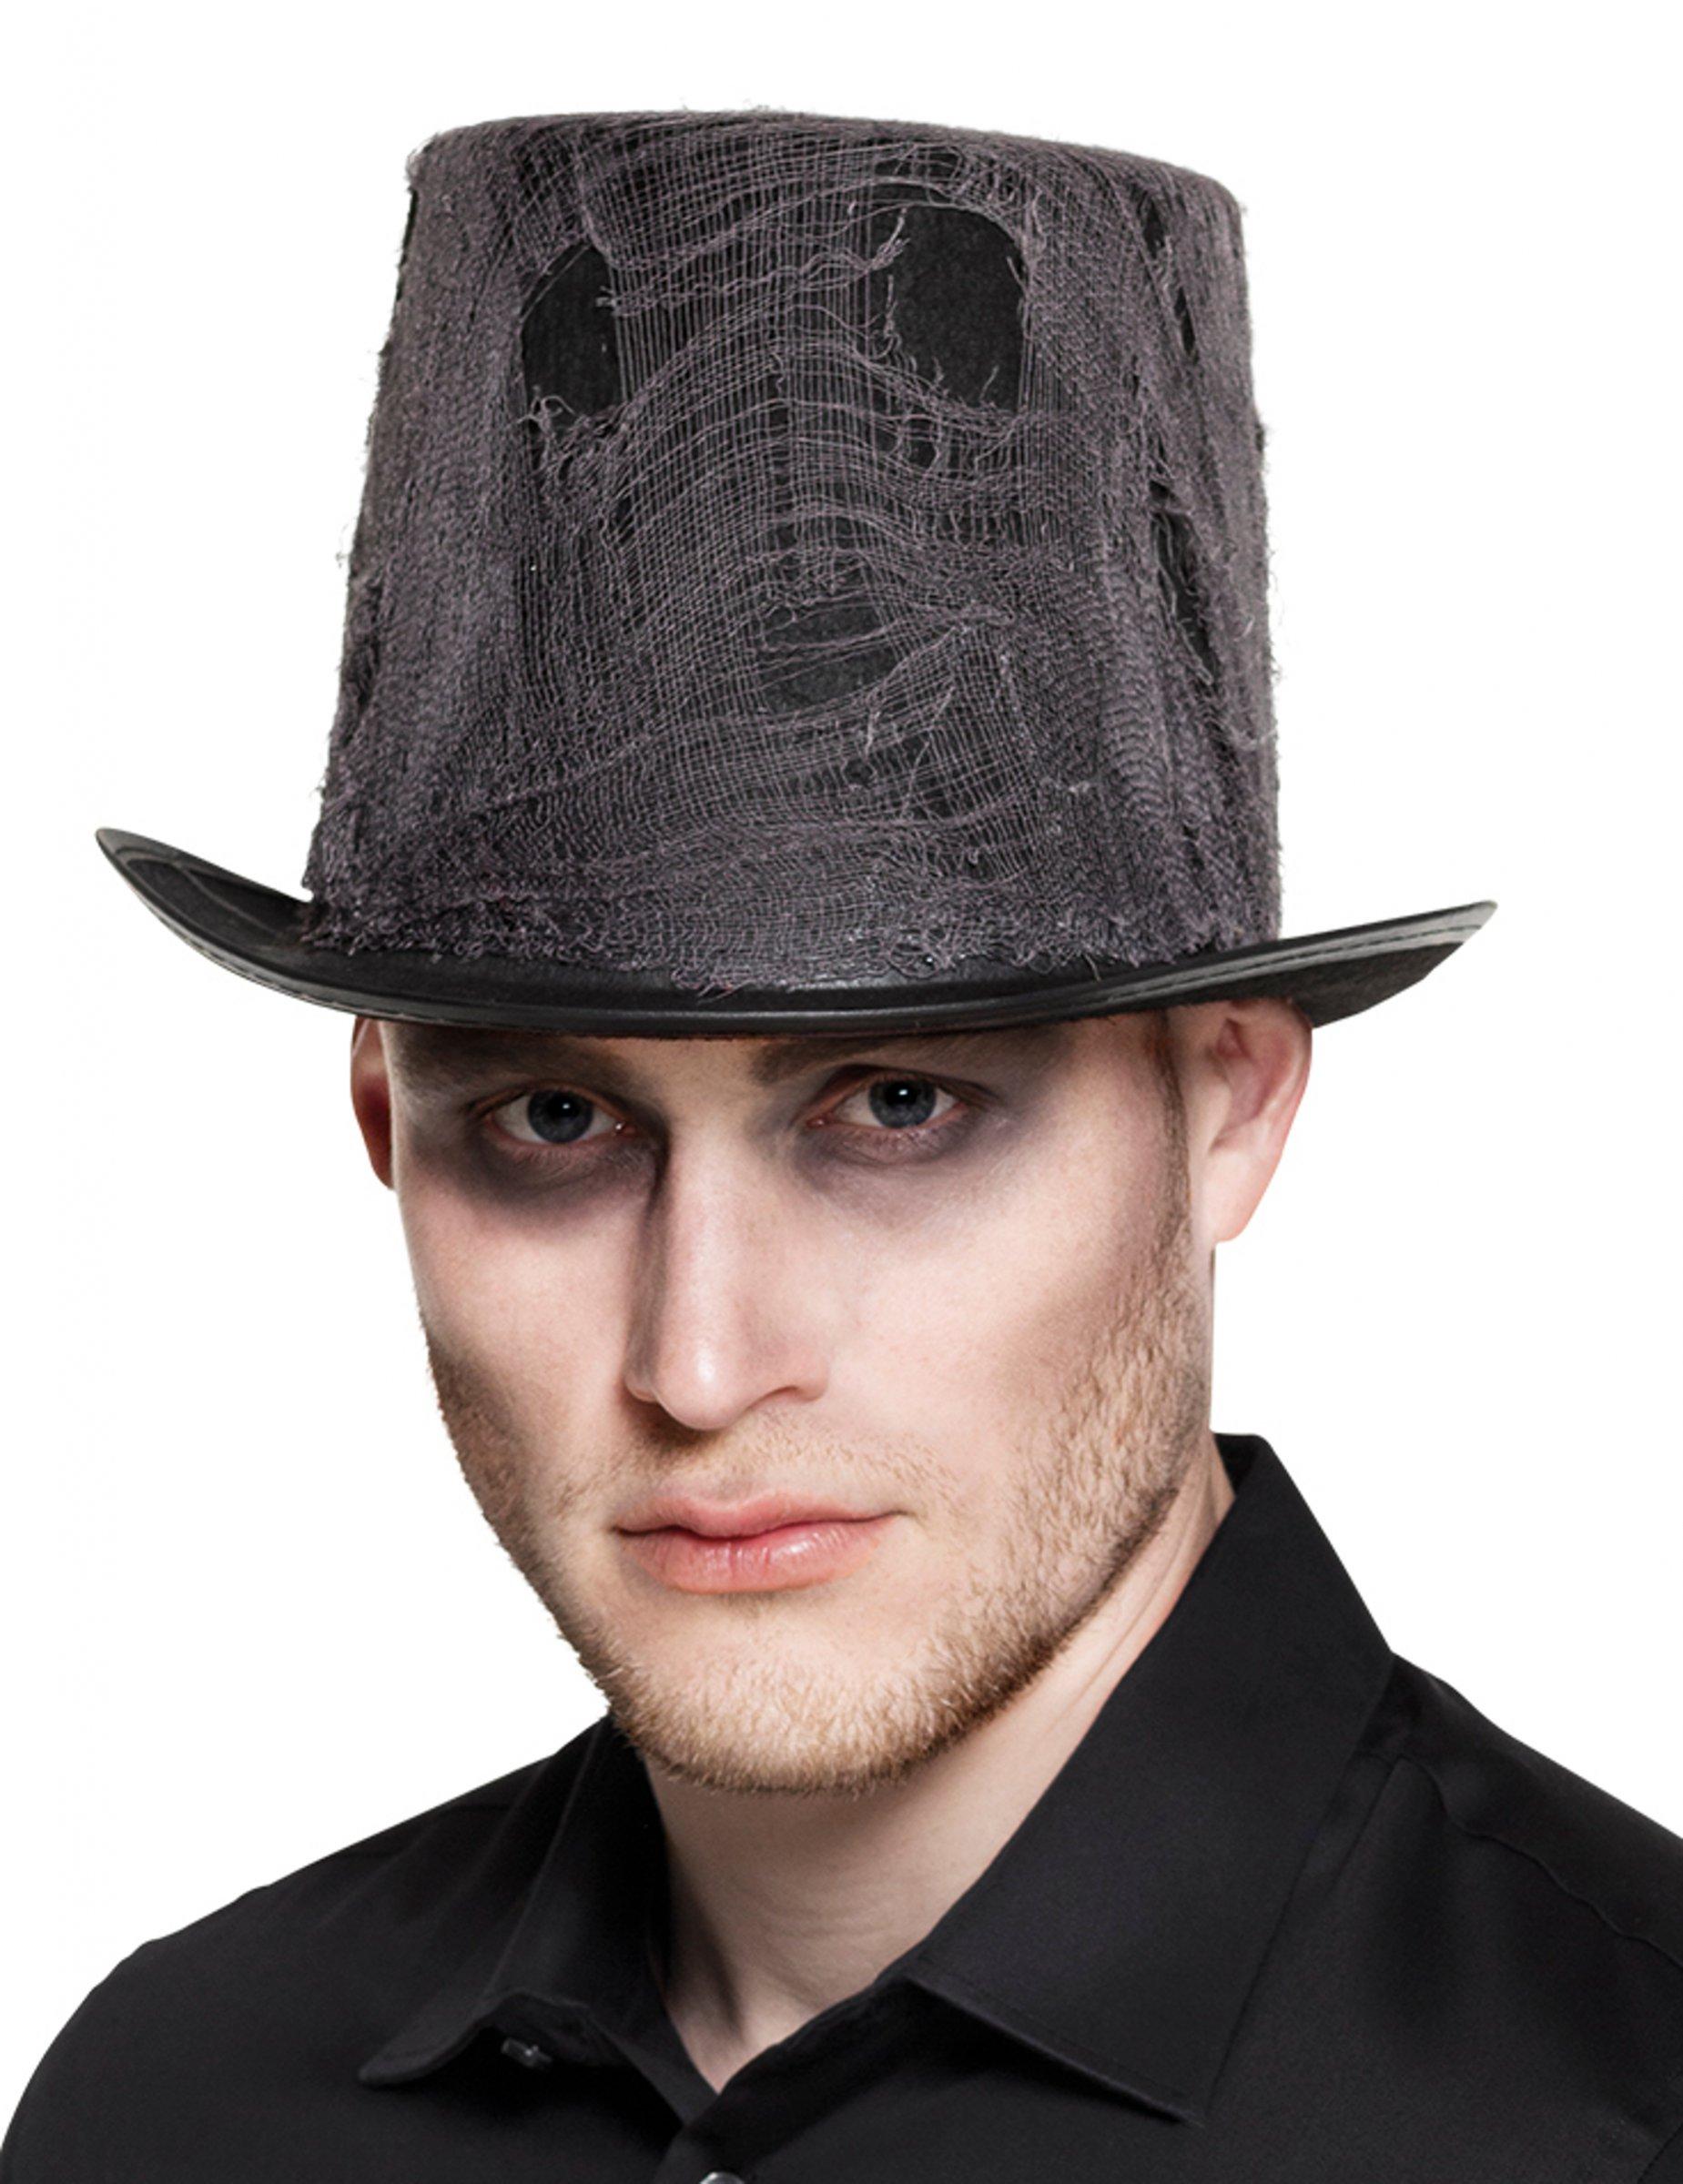 Sombrero de copa negro con tela adulto Halloween  Sombreros b127c9d6ce5